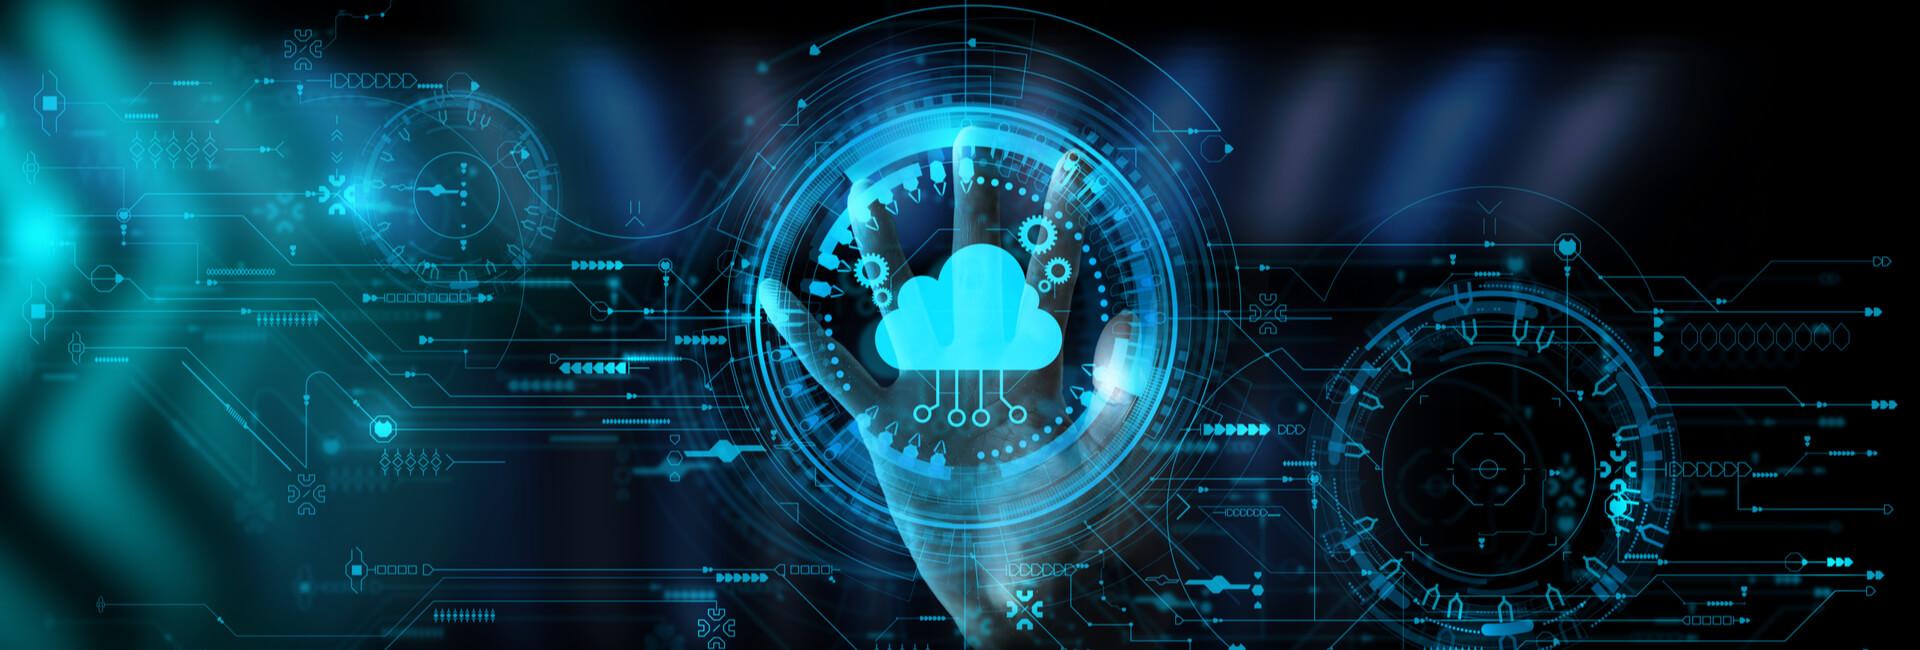 Applicazioni critiche: che cosa sono e come tutelarle in Cloud